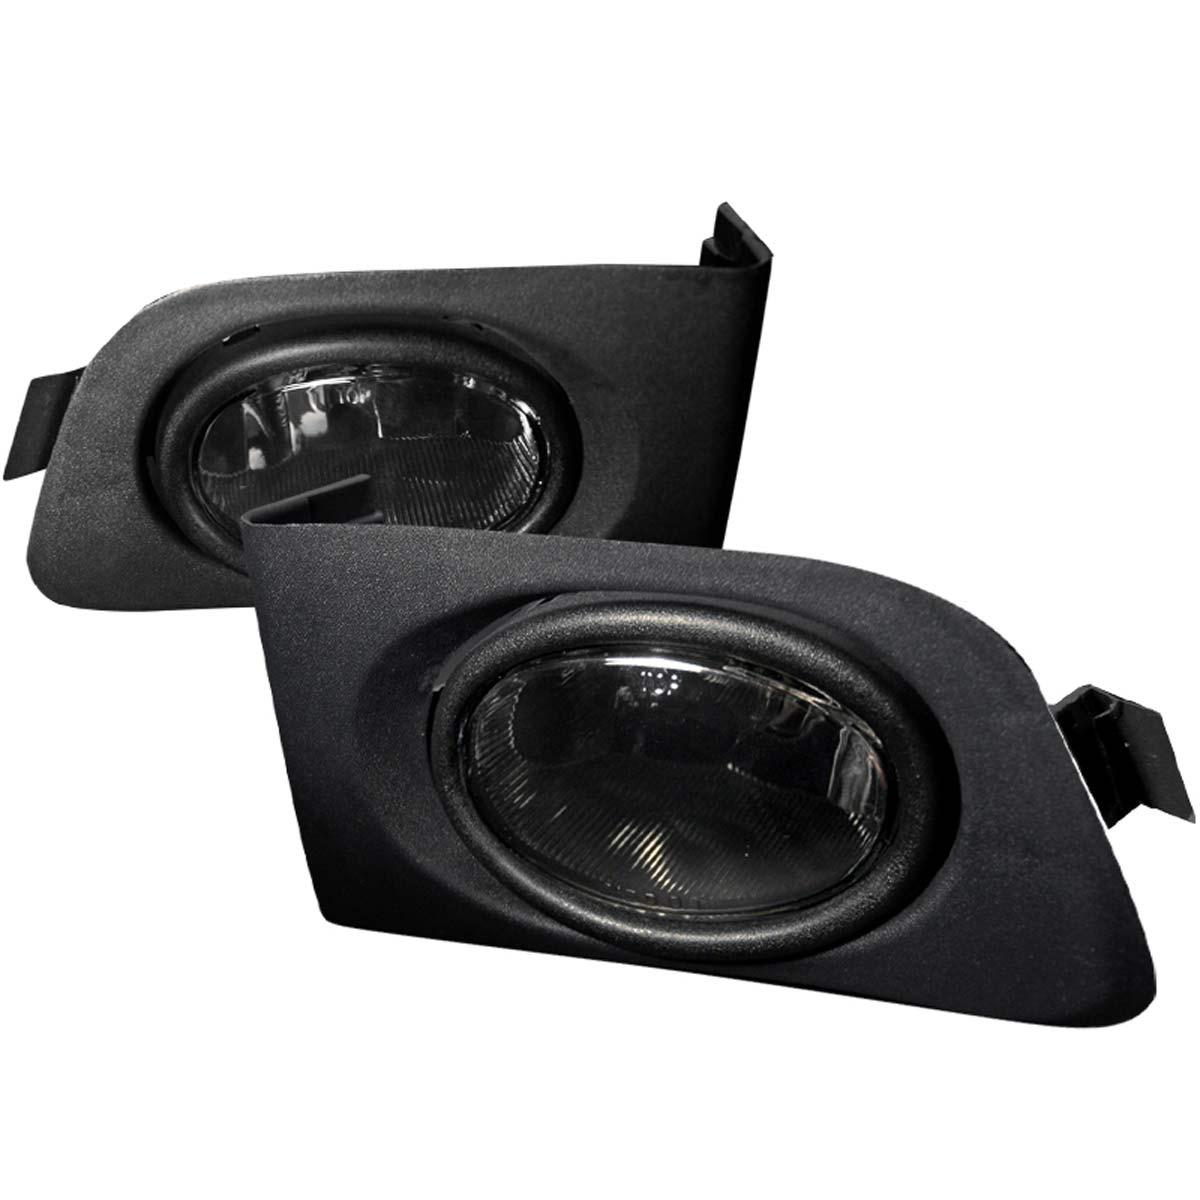 Spec-D Tuning LF-CV01GOEM - Spec-D 01-03 Honda Civic Oem Fog Lights